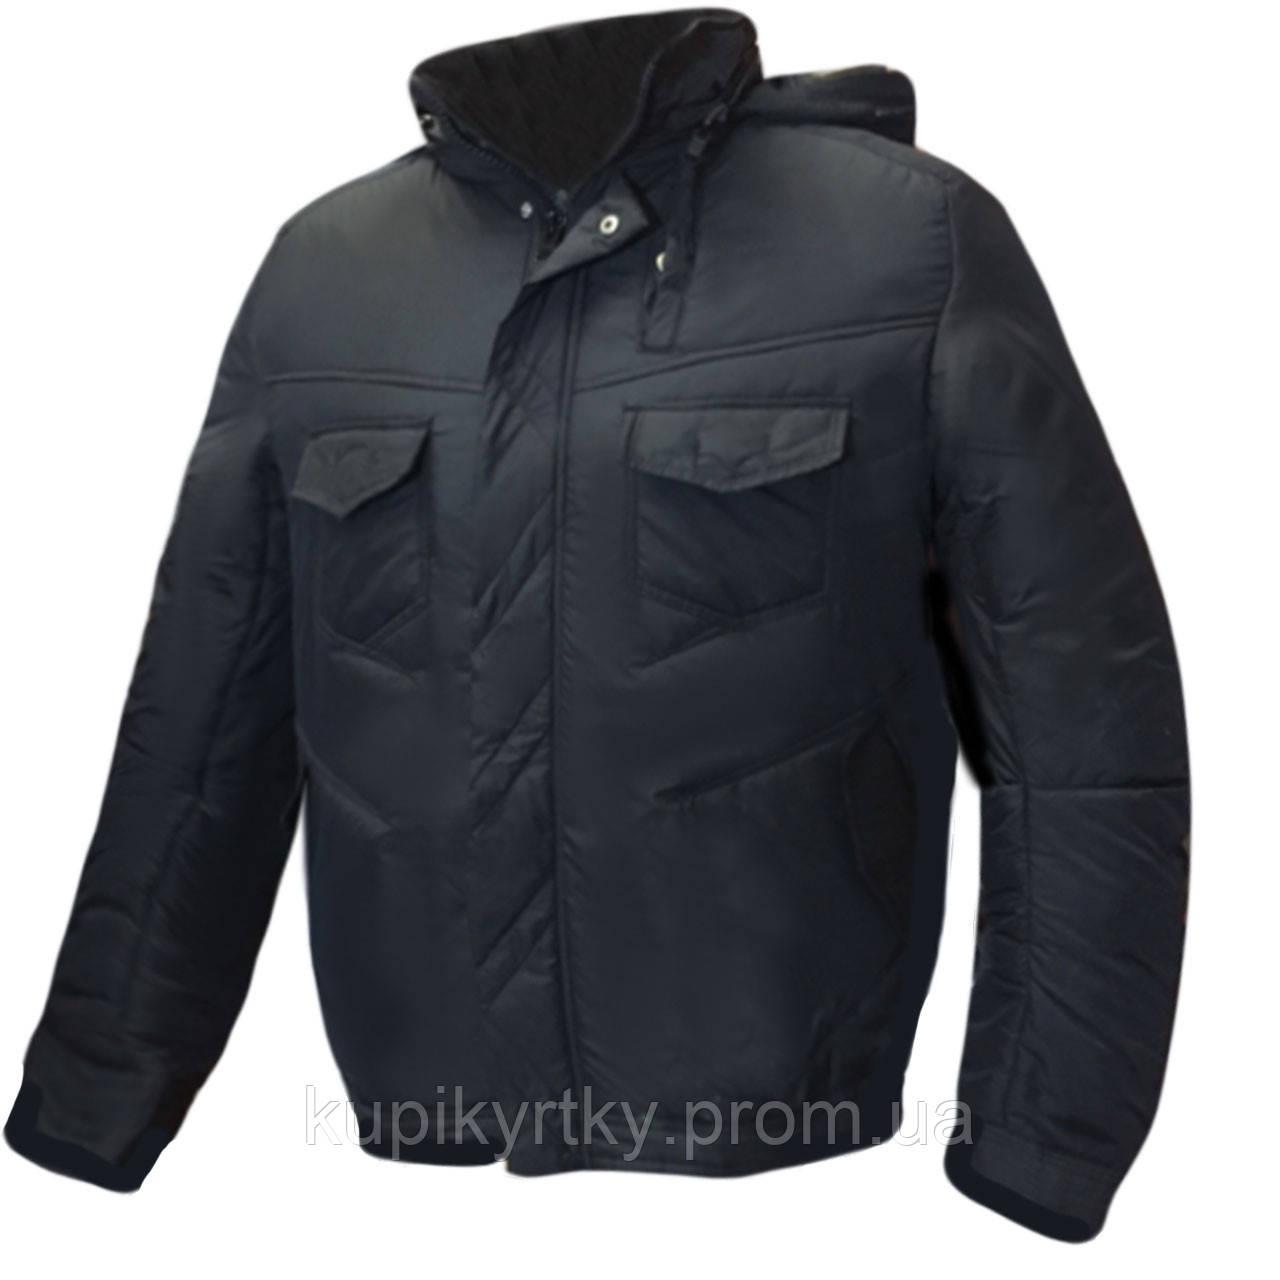 Стильная курточка LI JEAN DE (зима-осень), фото 1